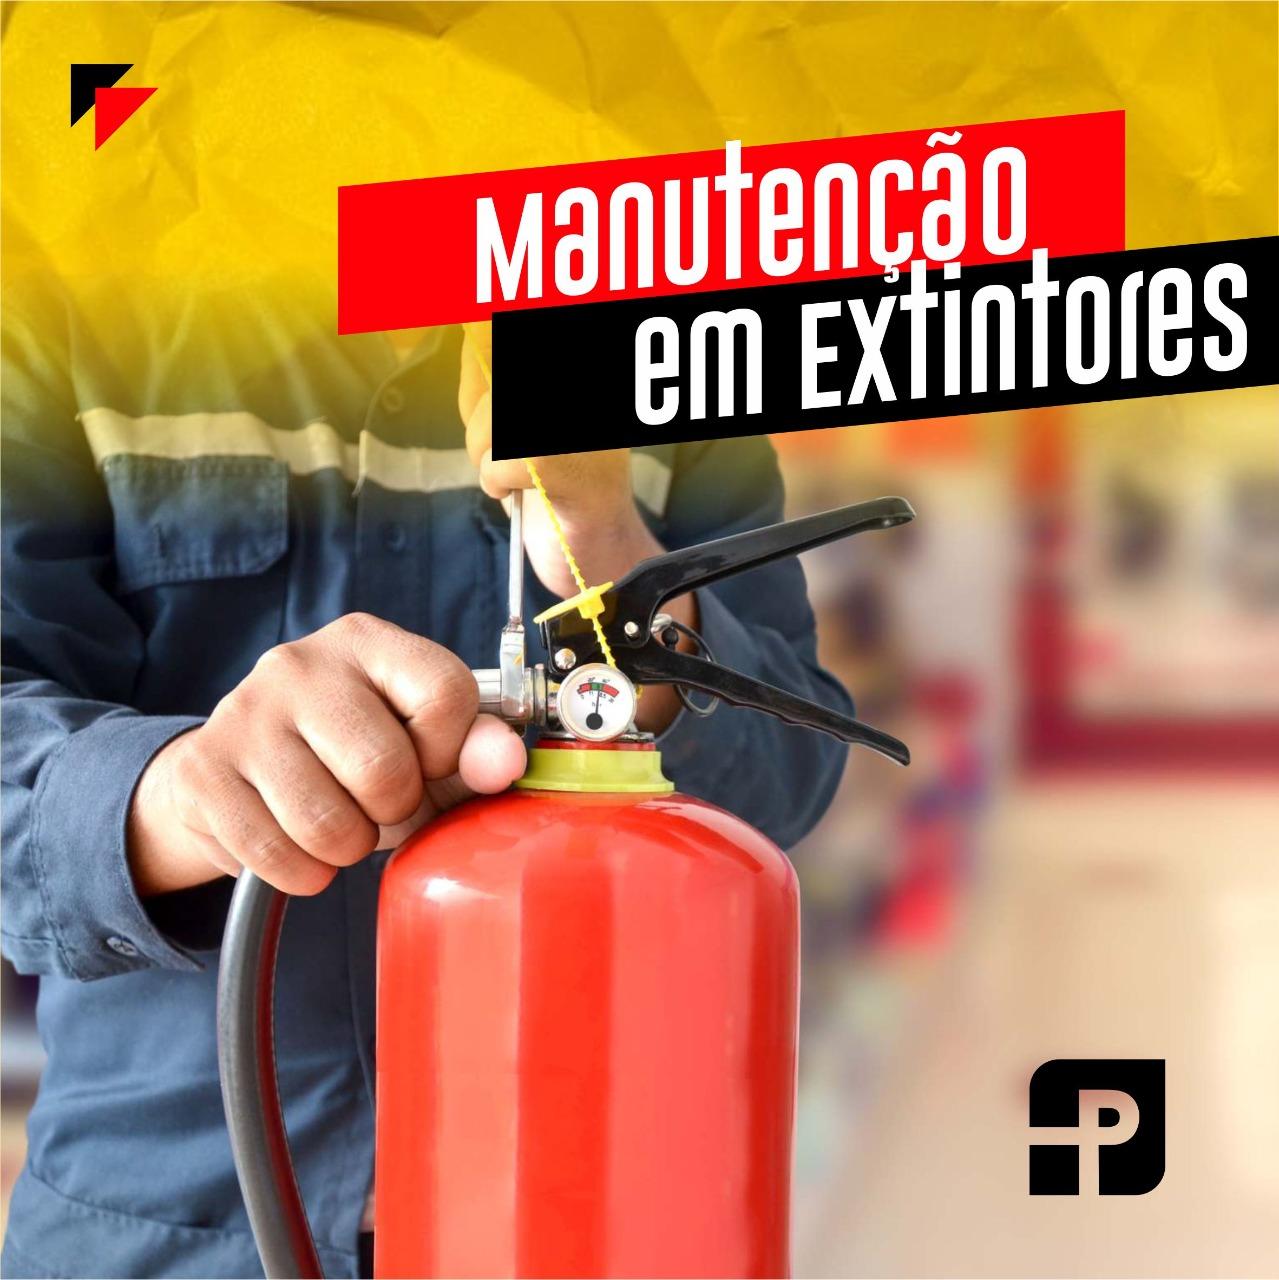 Manutenção em Extintores